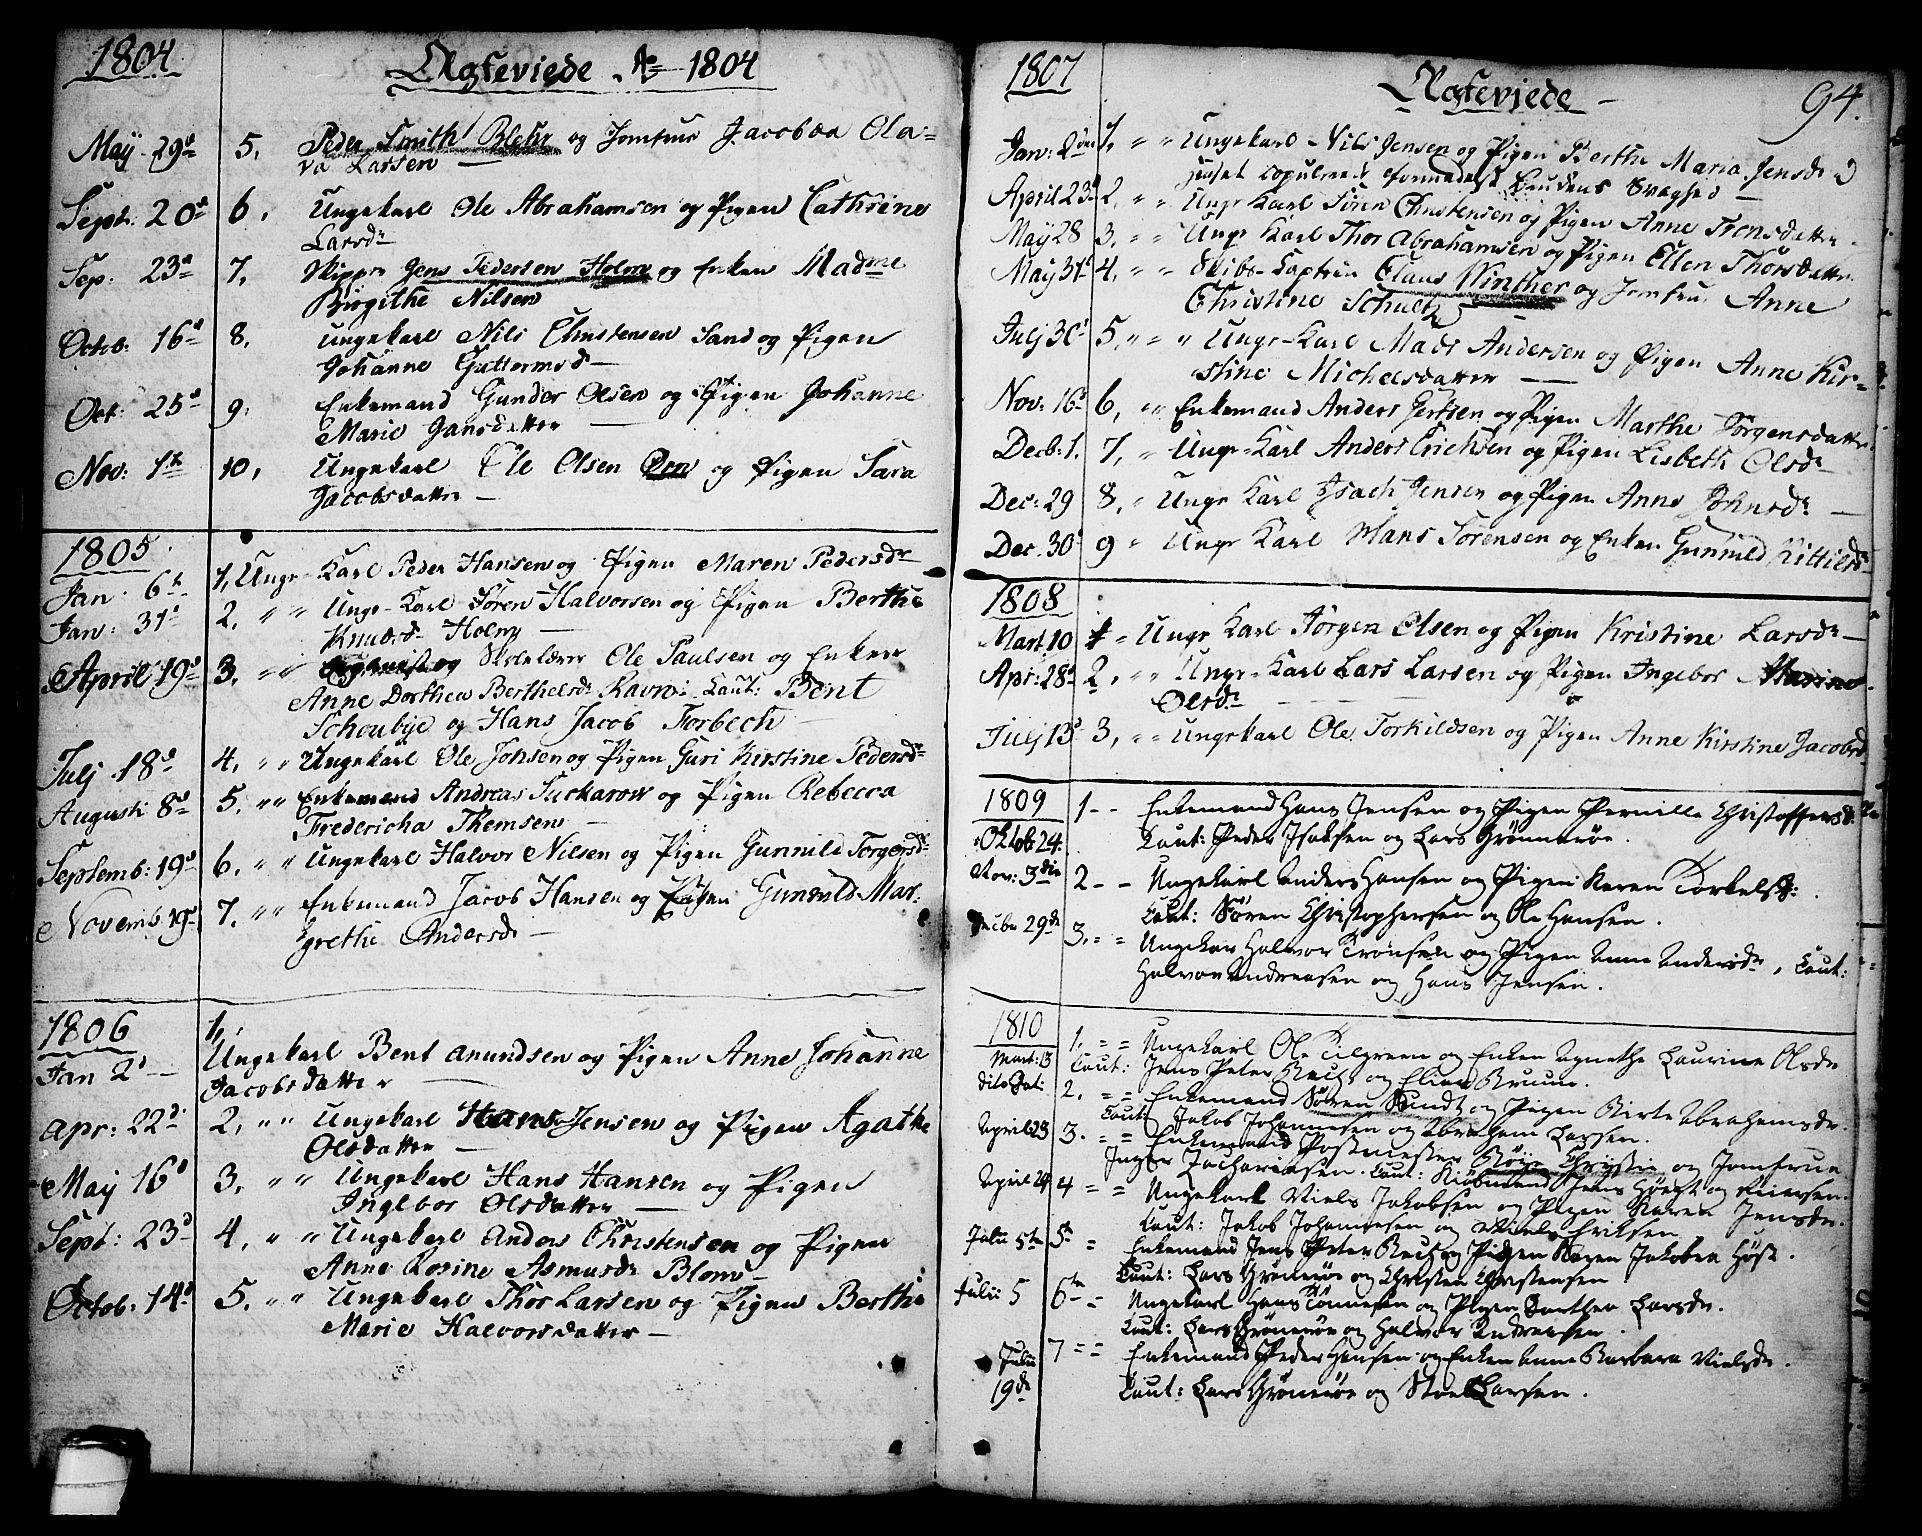 SAKO, Brevik kirkebøker, F/Fa/L0003: Ministerialbok nr. 3, 1764-1814, s. 94